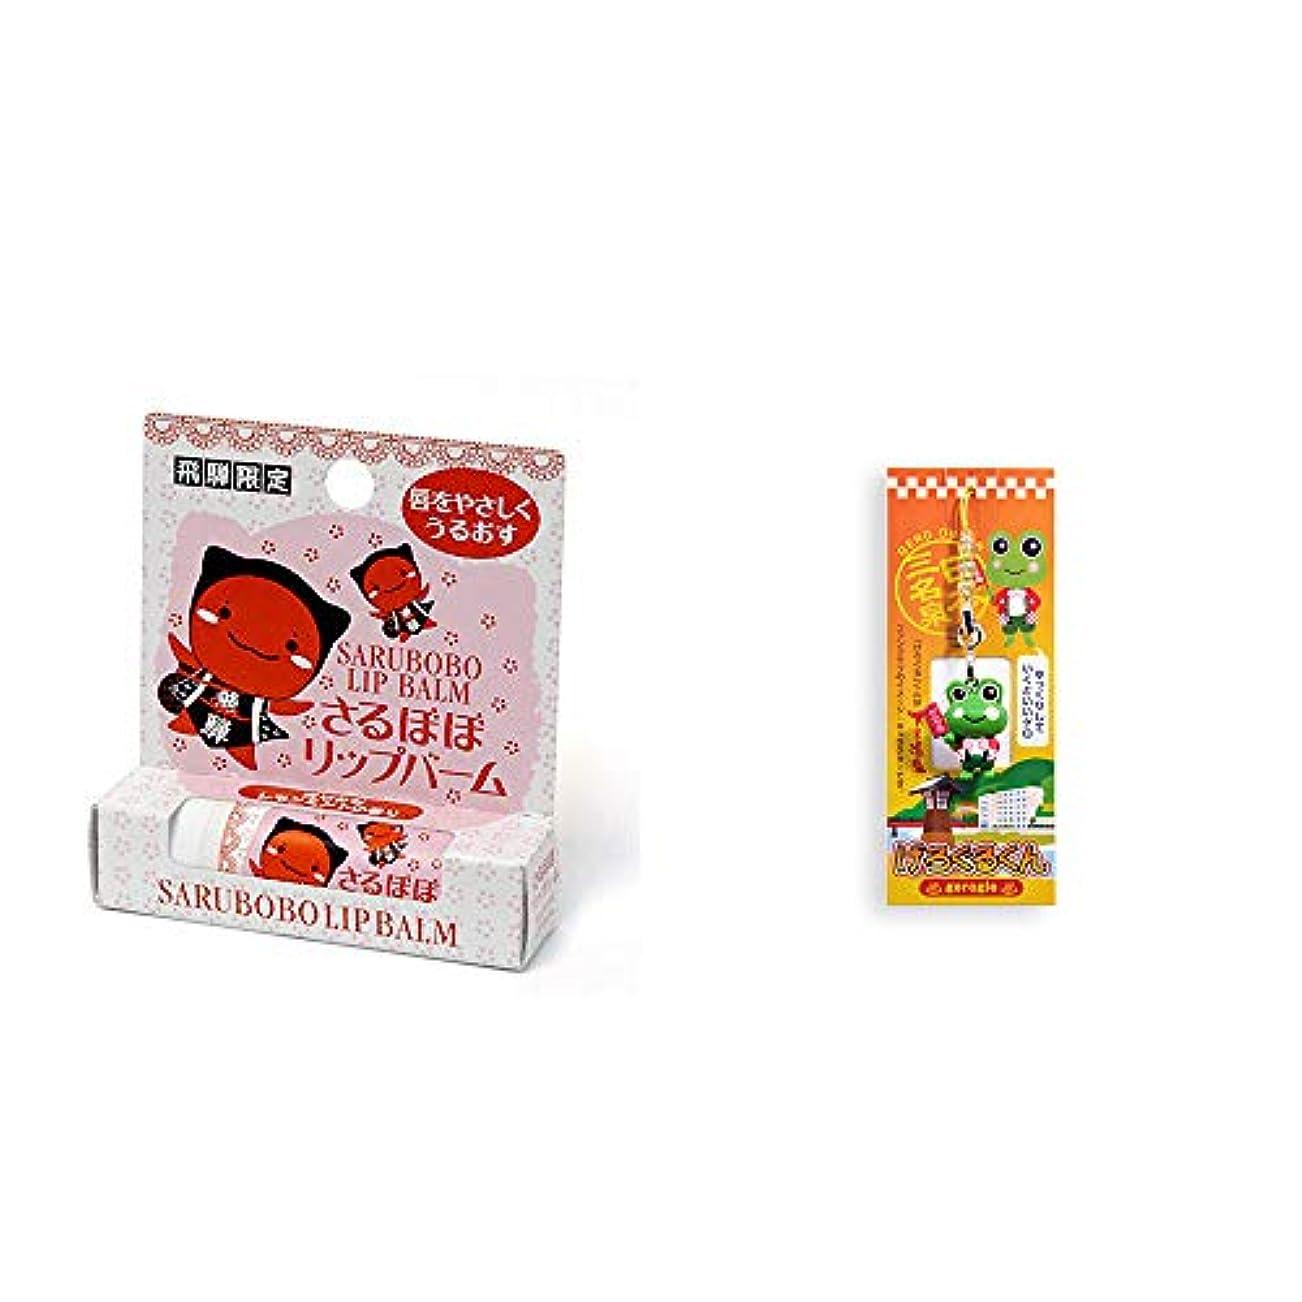 ガイド光沢どちらか[2点セット] さるぼぼ リップバーム(4g) ?下呂温泉ファンクラブのイメージキャラクター げろぐるくんストラップ